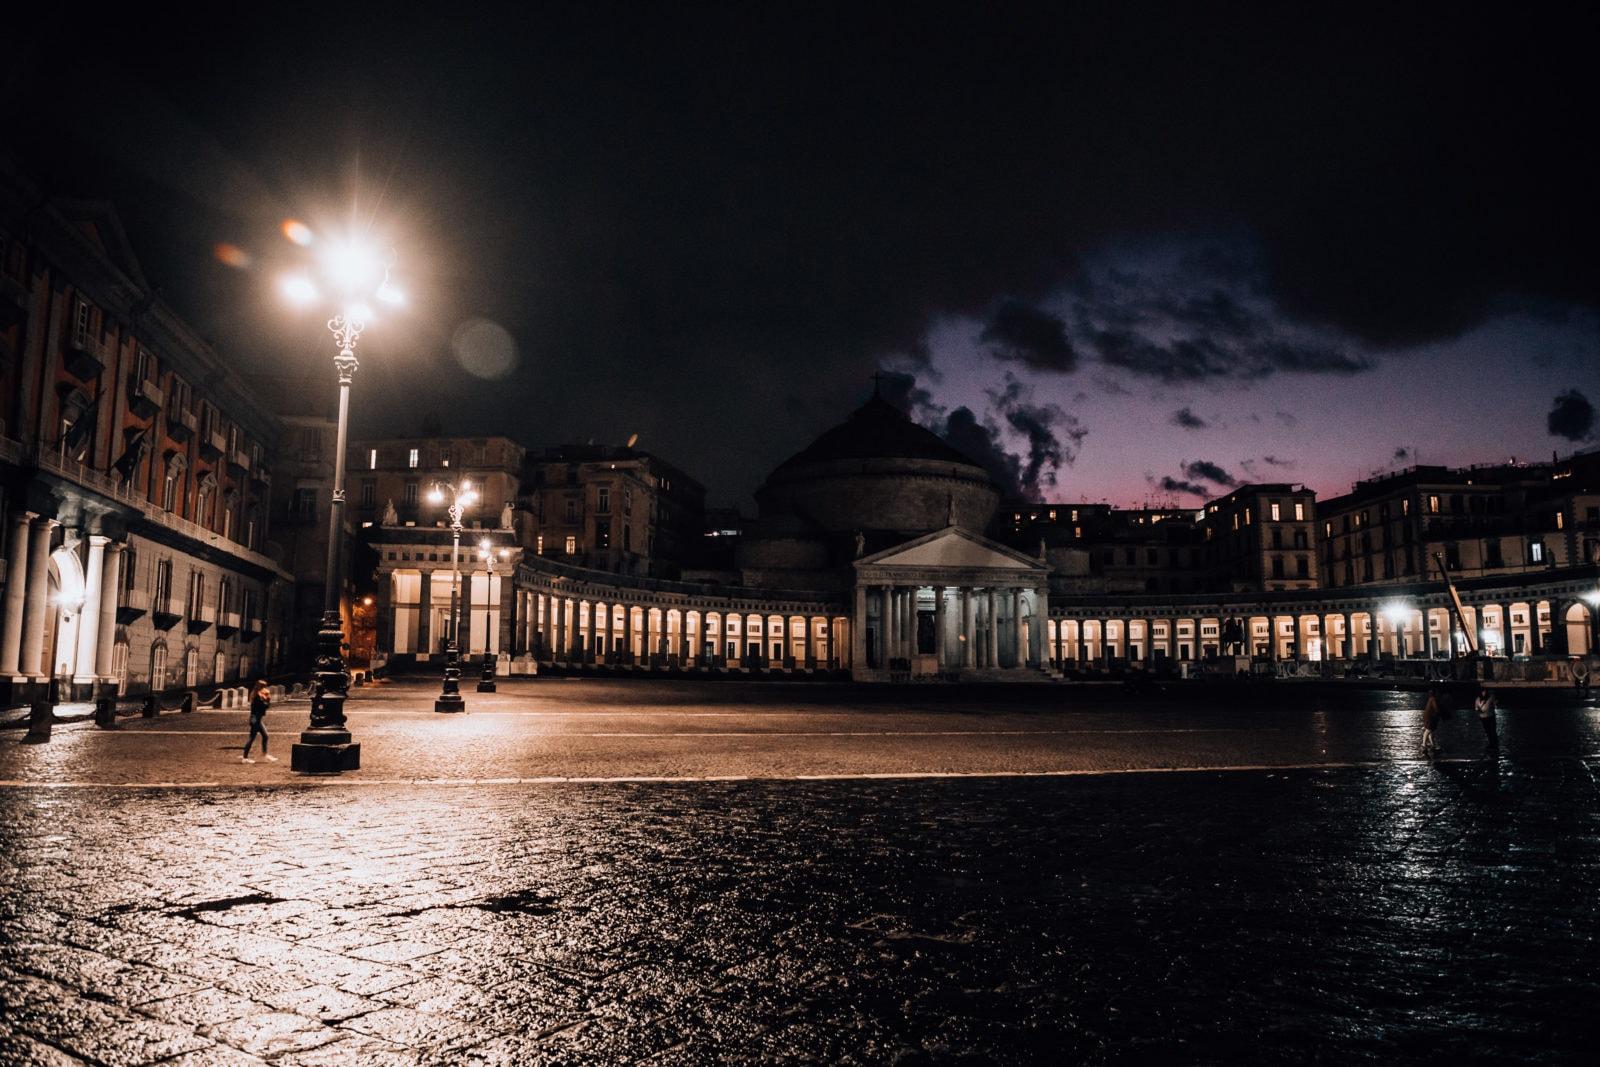 Neapel Sehenswürdigkeiten Piazza del Plebiscito bei Nacht